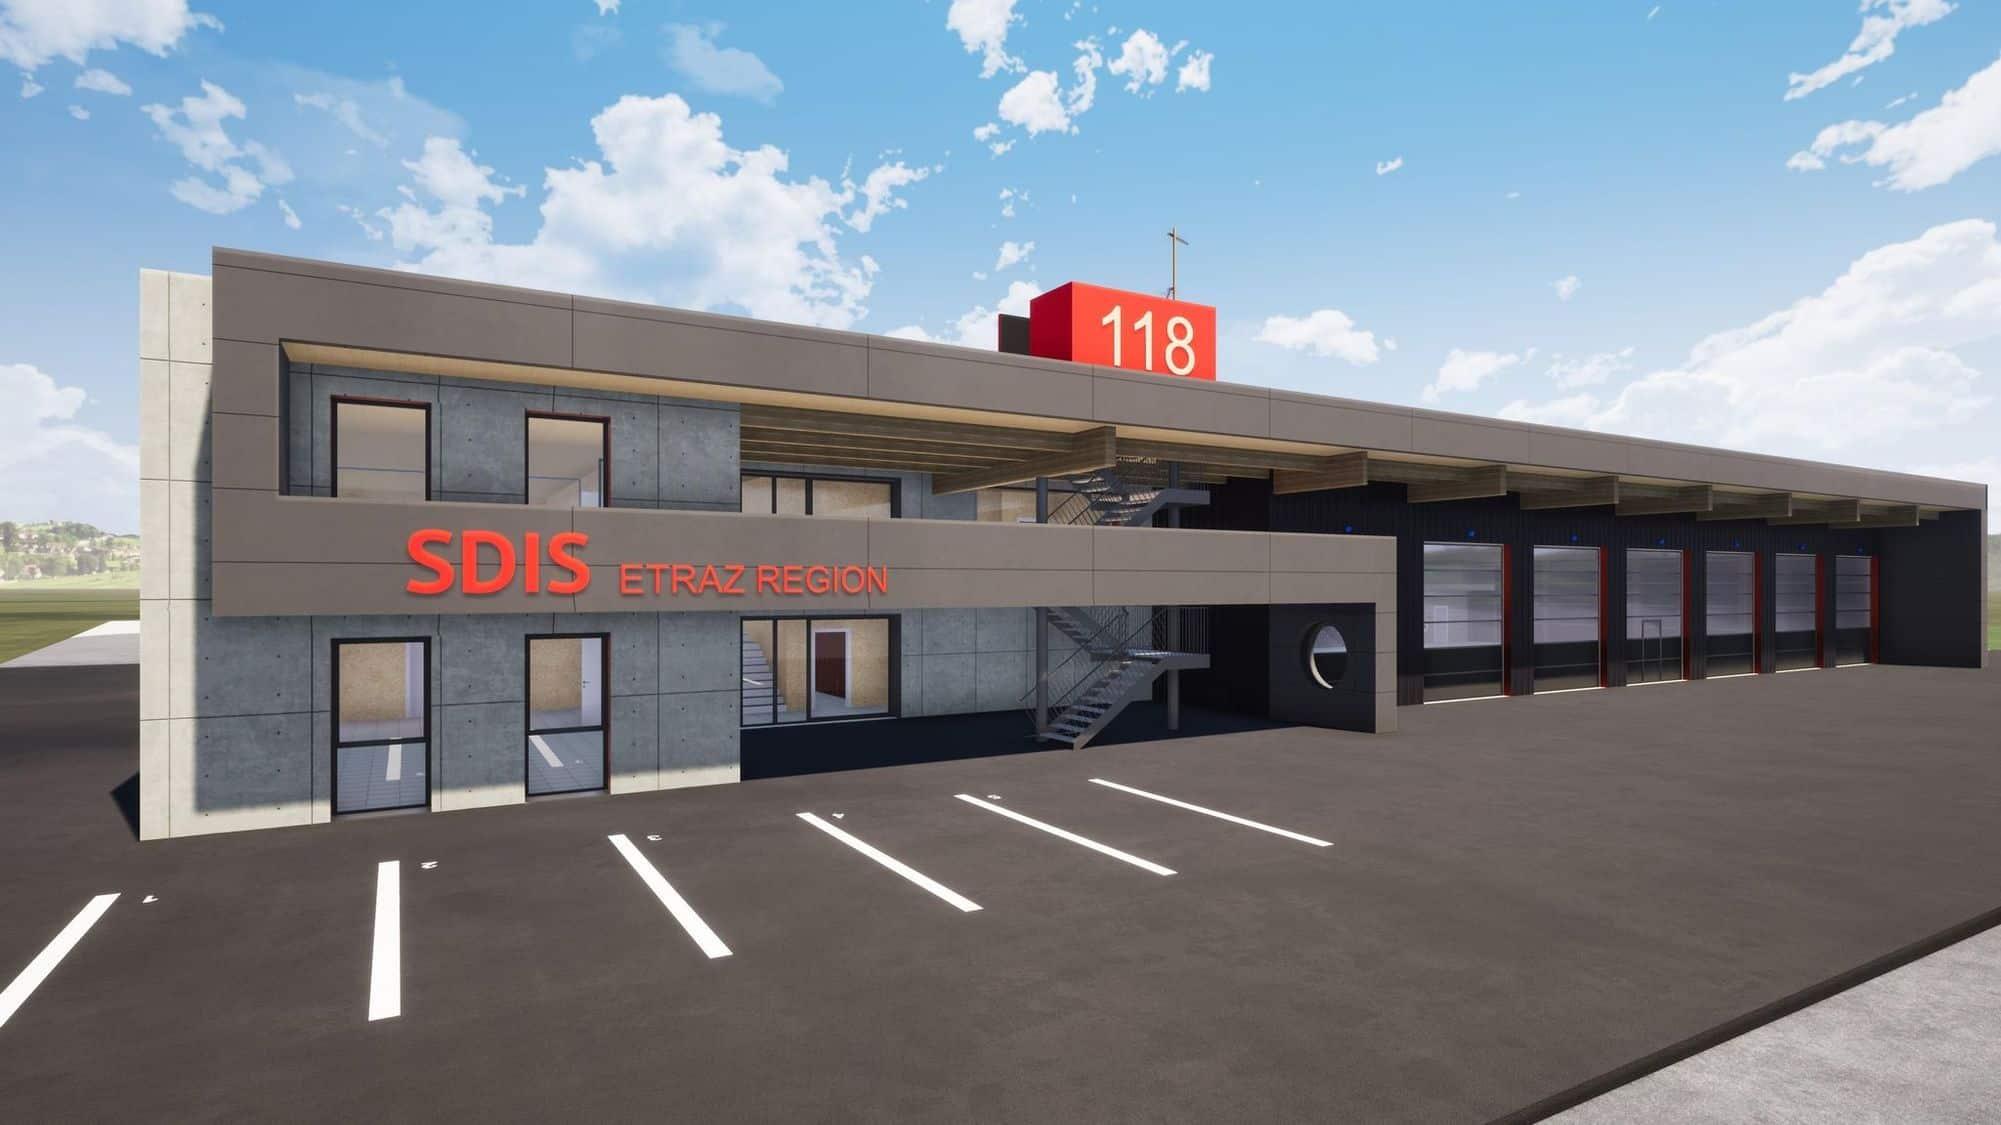 La nouvelle caserne devrait voir le jour courant 2021 sur le site En Chetry, à côté de la déchetterie intercommunale. Egger-architecte